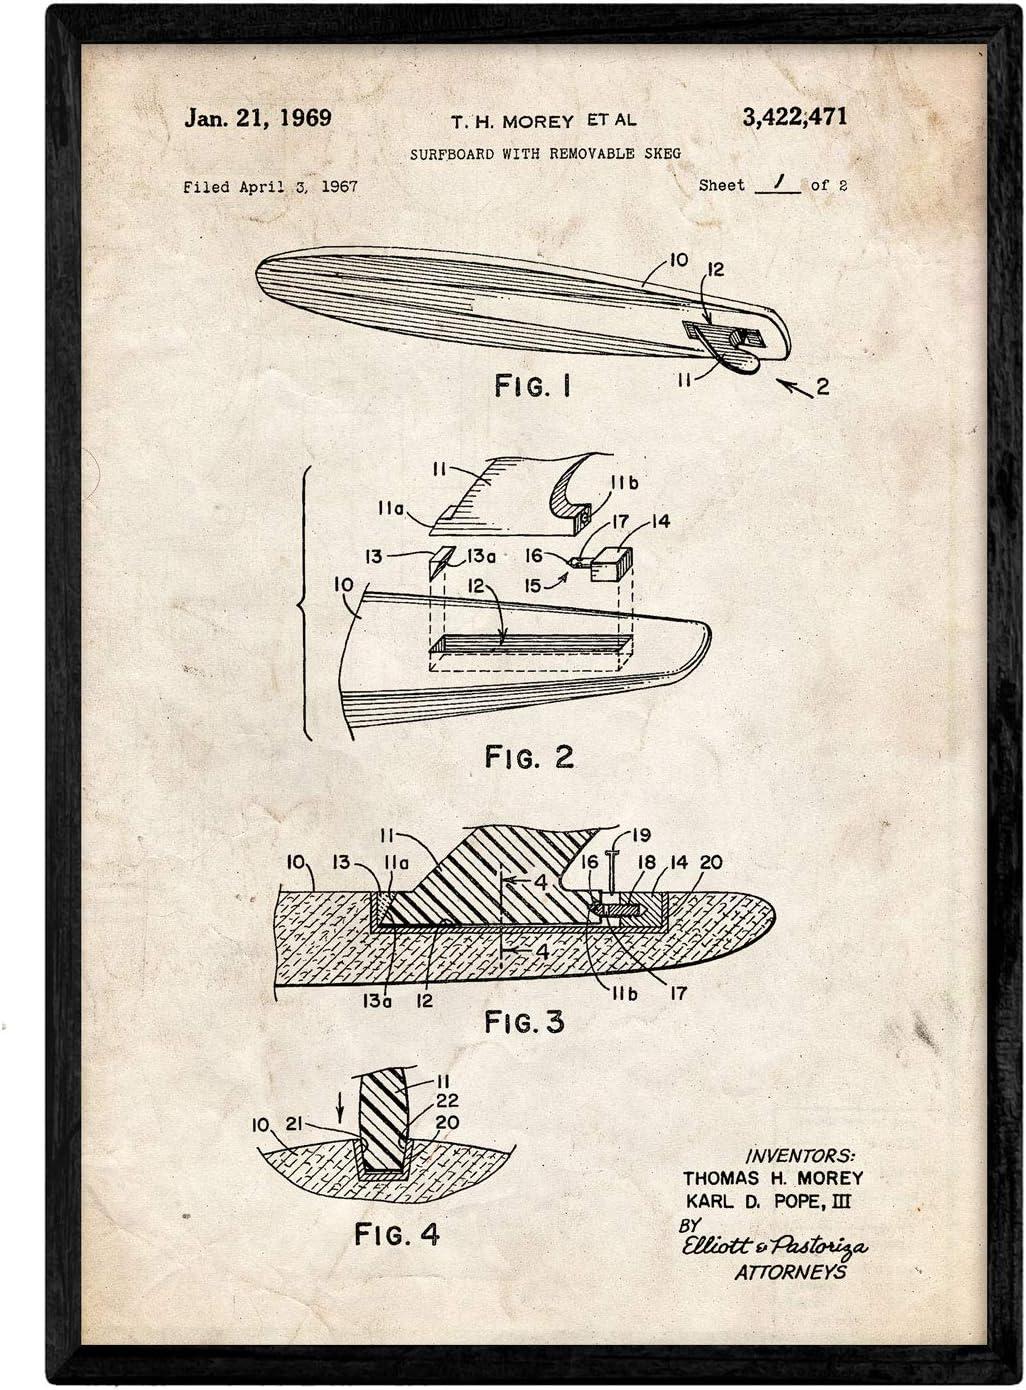 Nacnic Poster con patente de Surf con quilla. Lámina con diseño de patente antigua en tamaño A3 y con fondo vintage